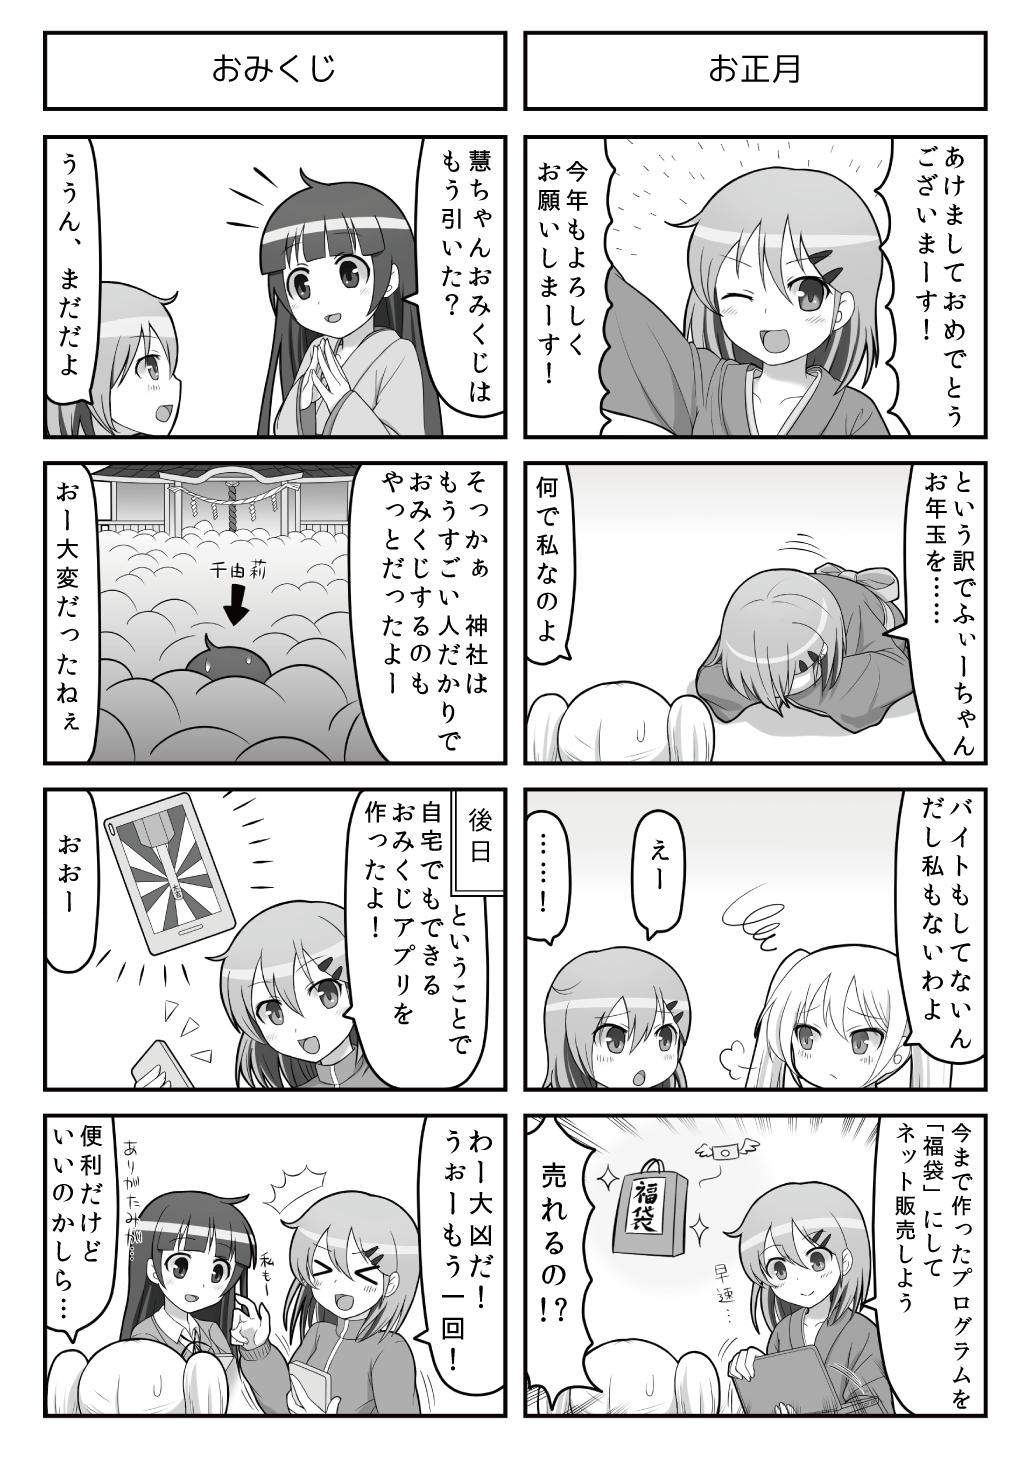 すぱこー Ver. 24